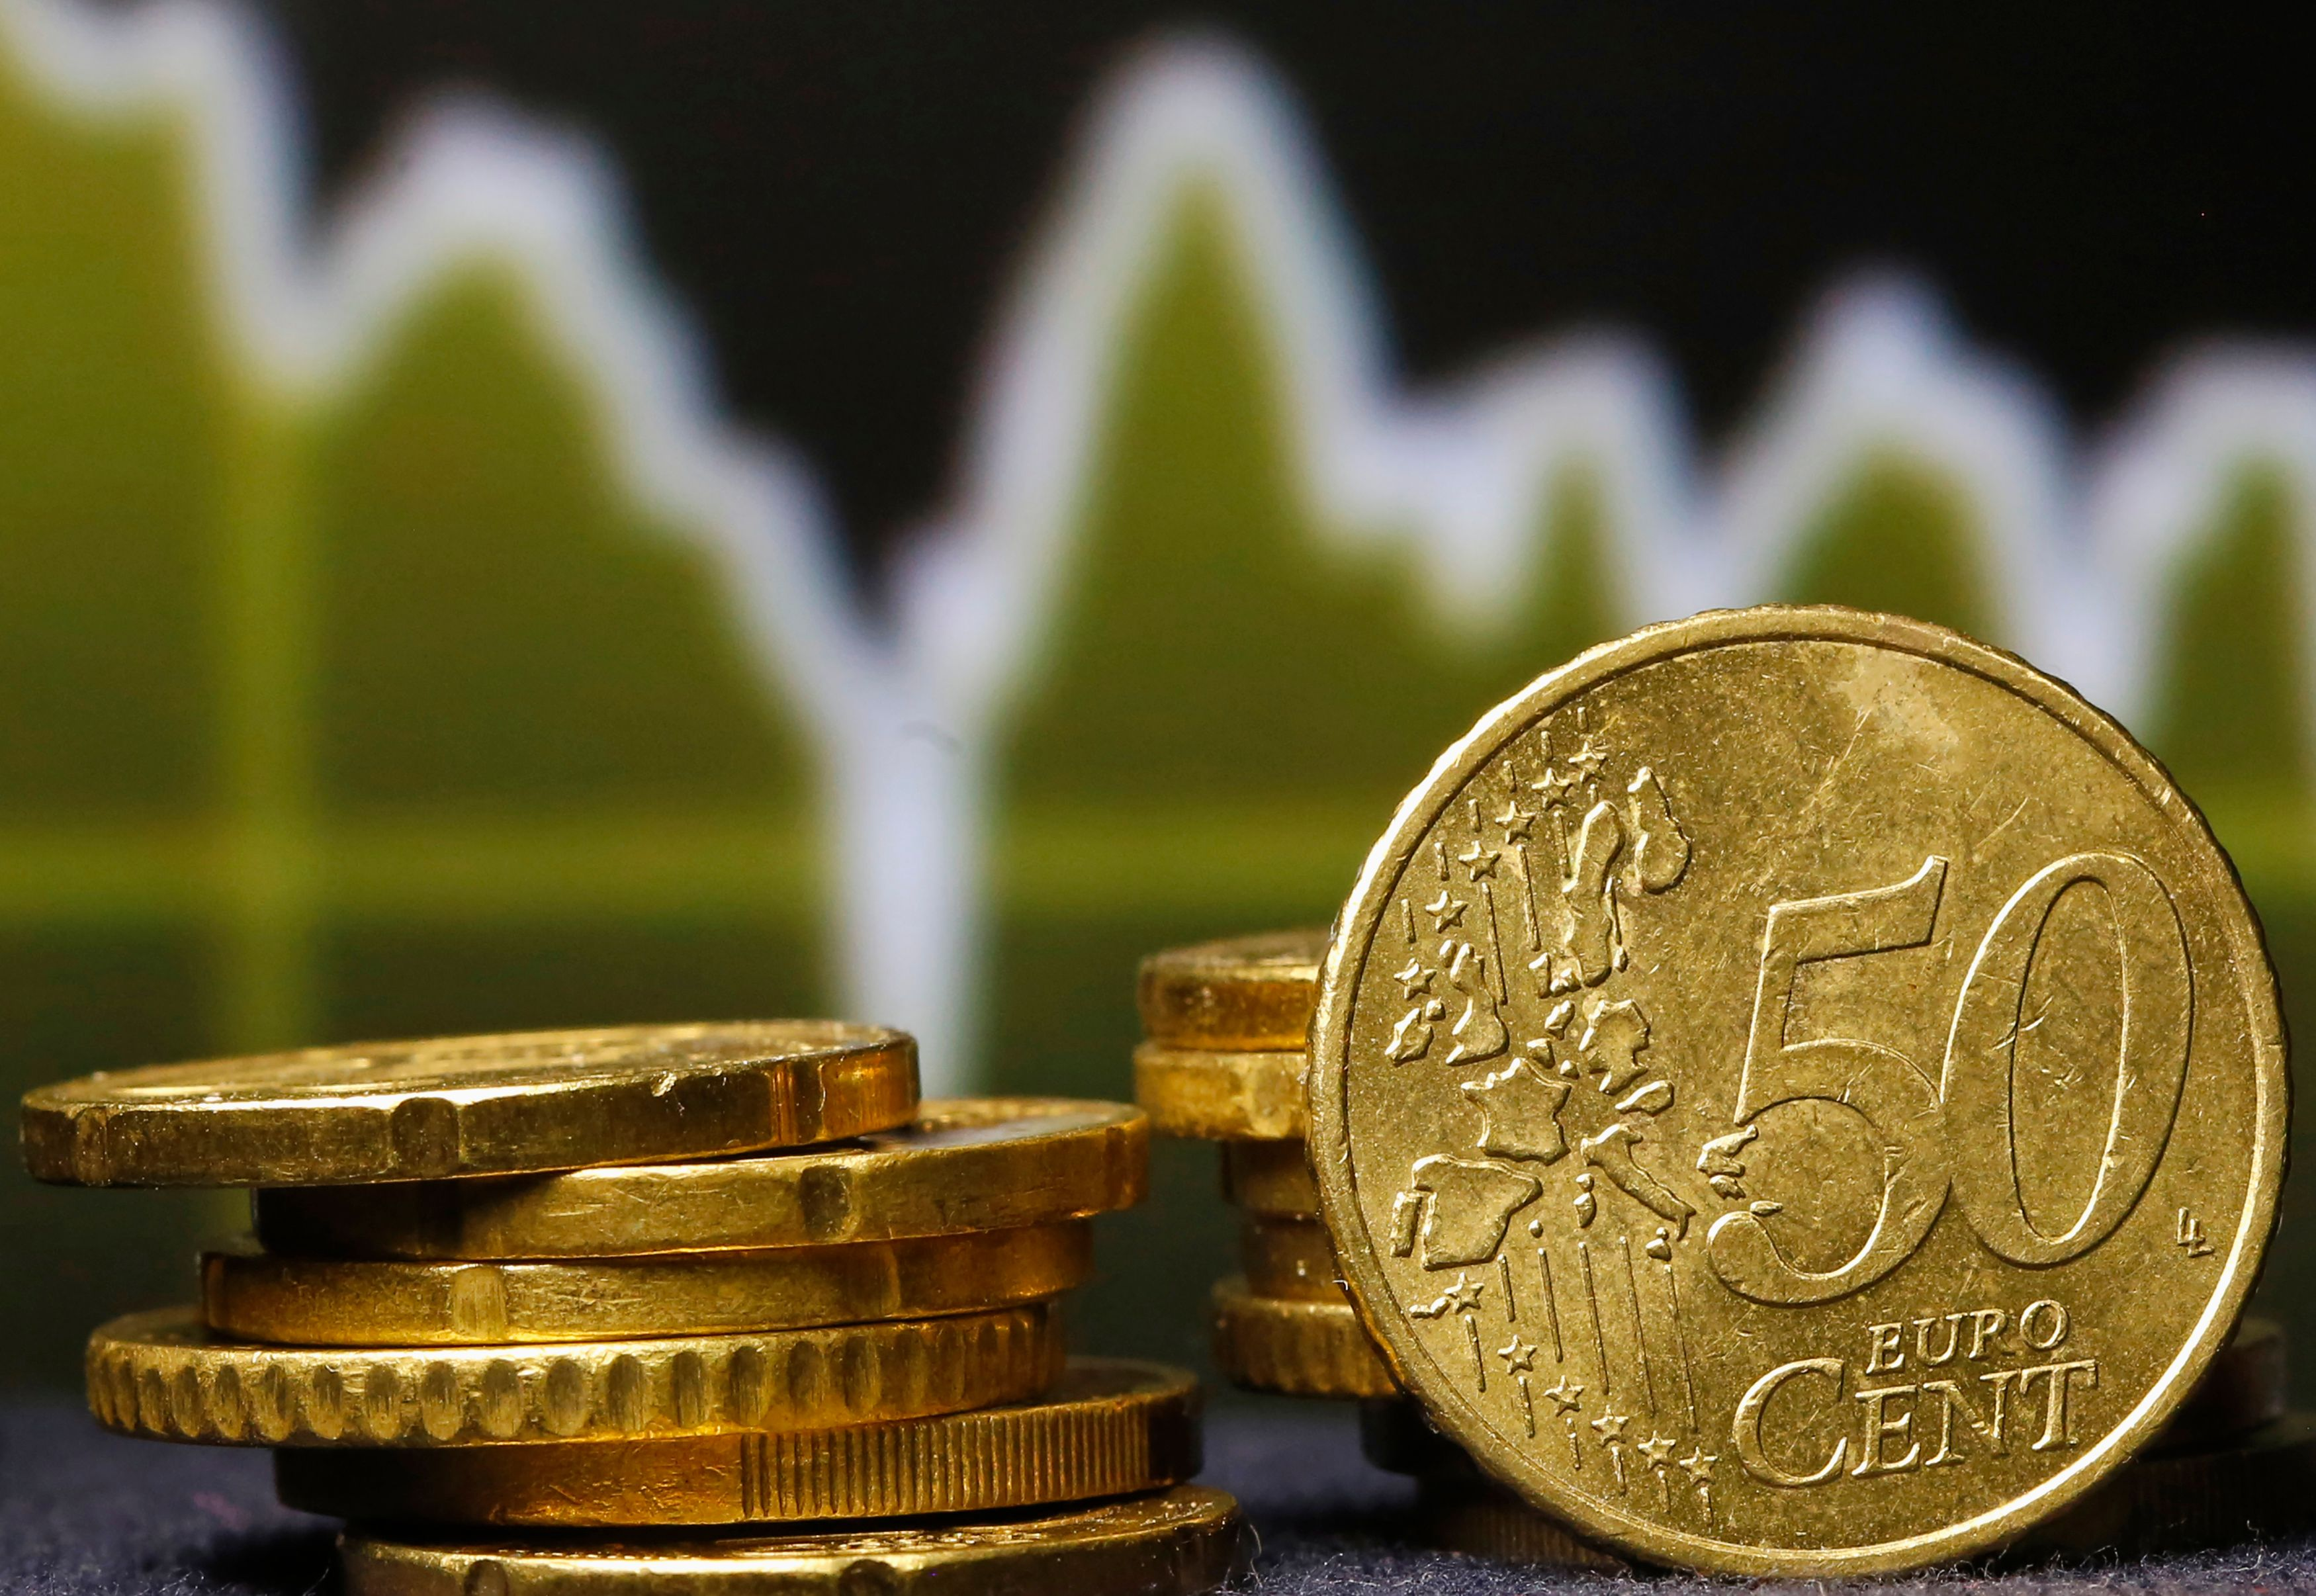 PMI : la croissance privée à la hausse en Europe et en France